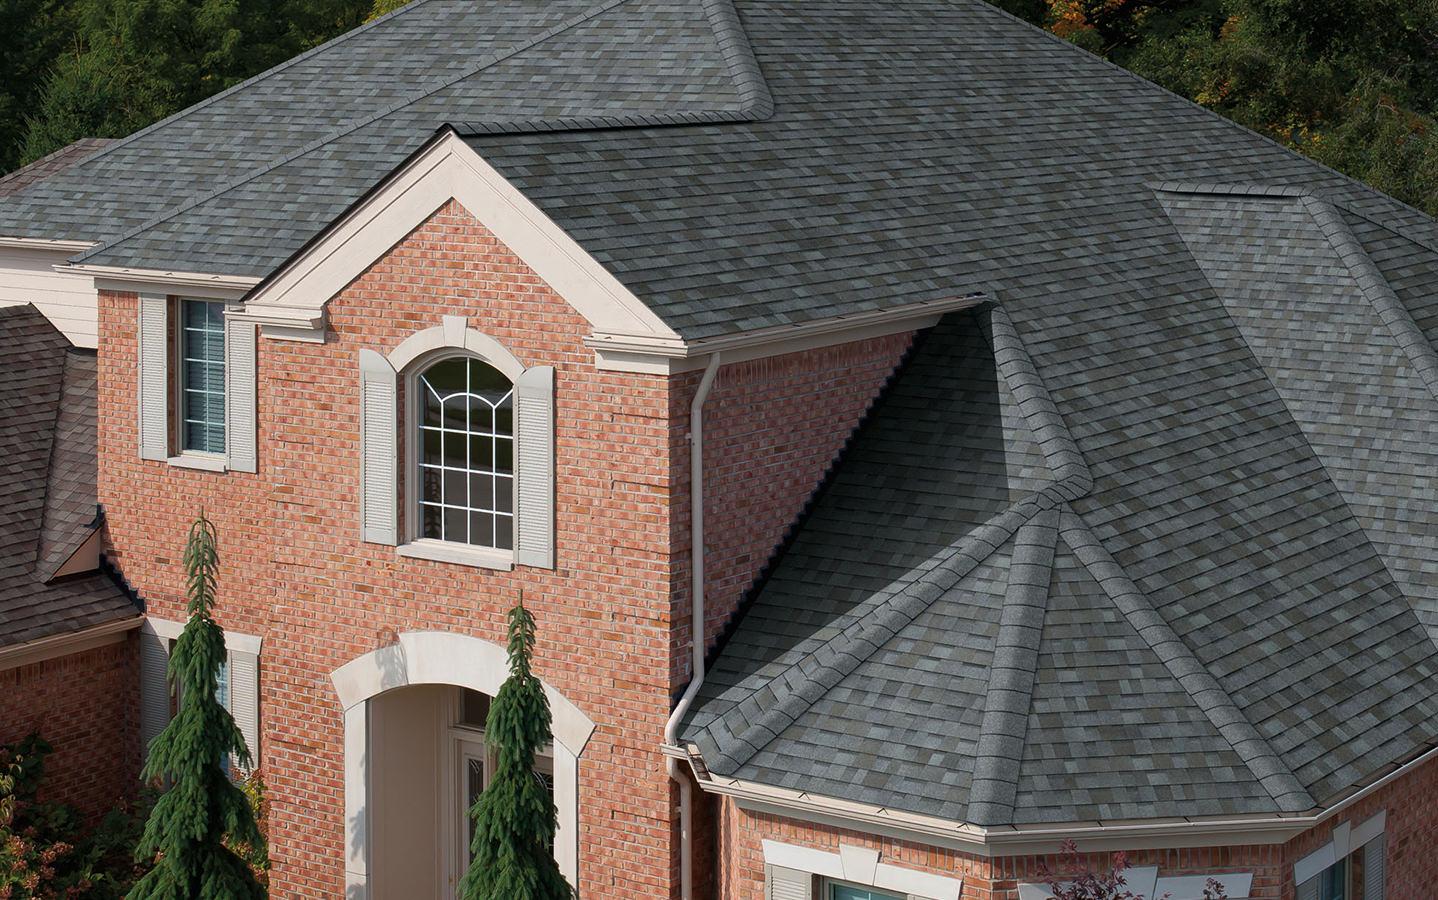 Na dachu widoczny gont marki Owens Corning z linii TruDefinition Duration w kolorze Quarry Gray